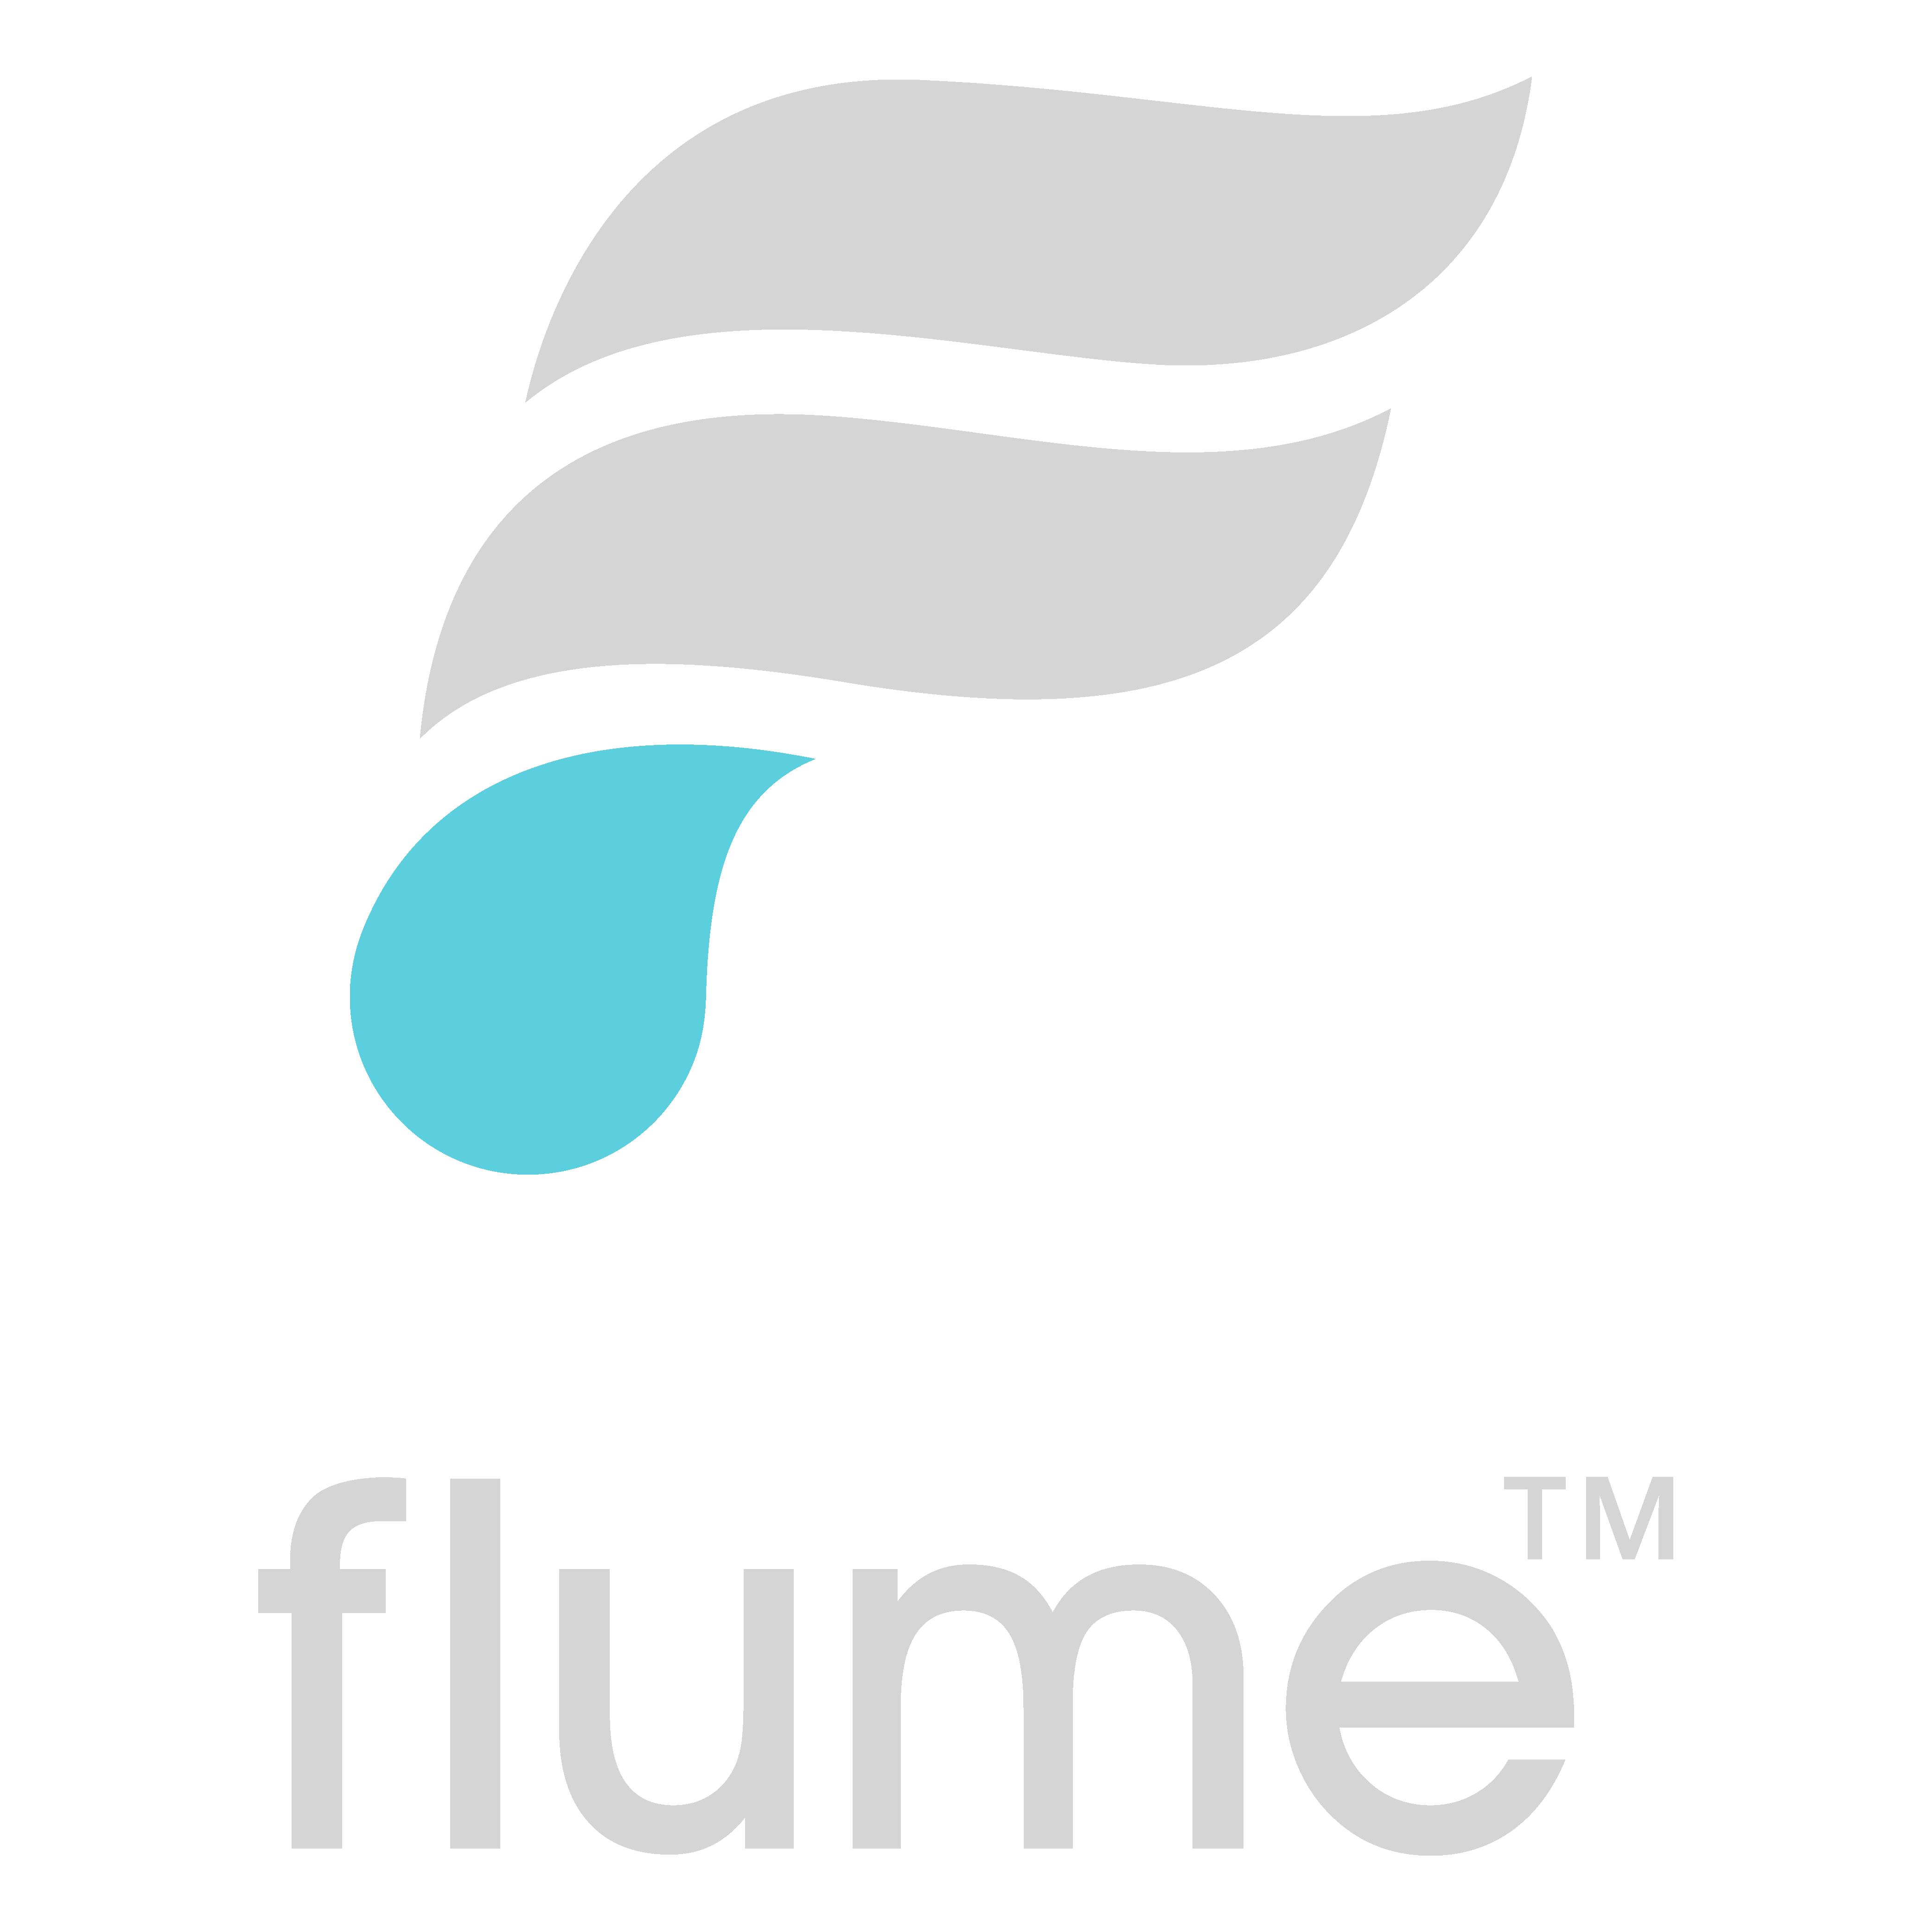 flume basic logo